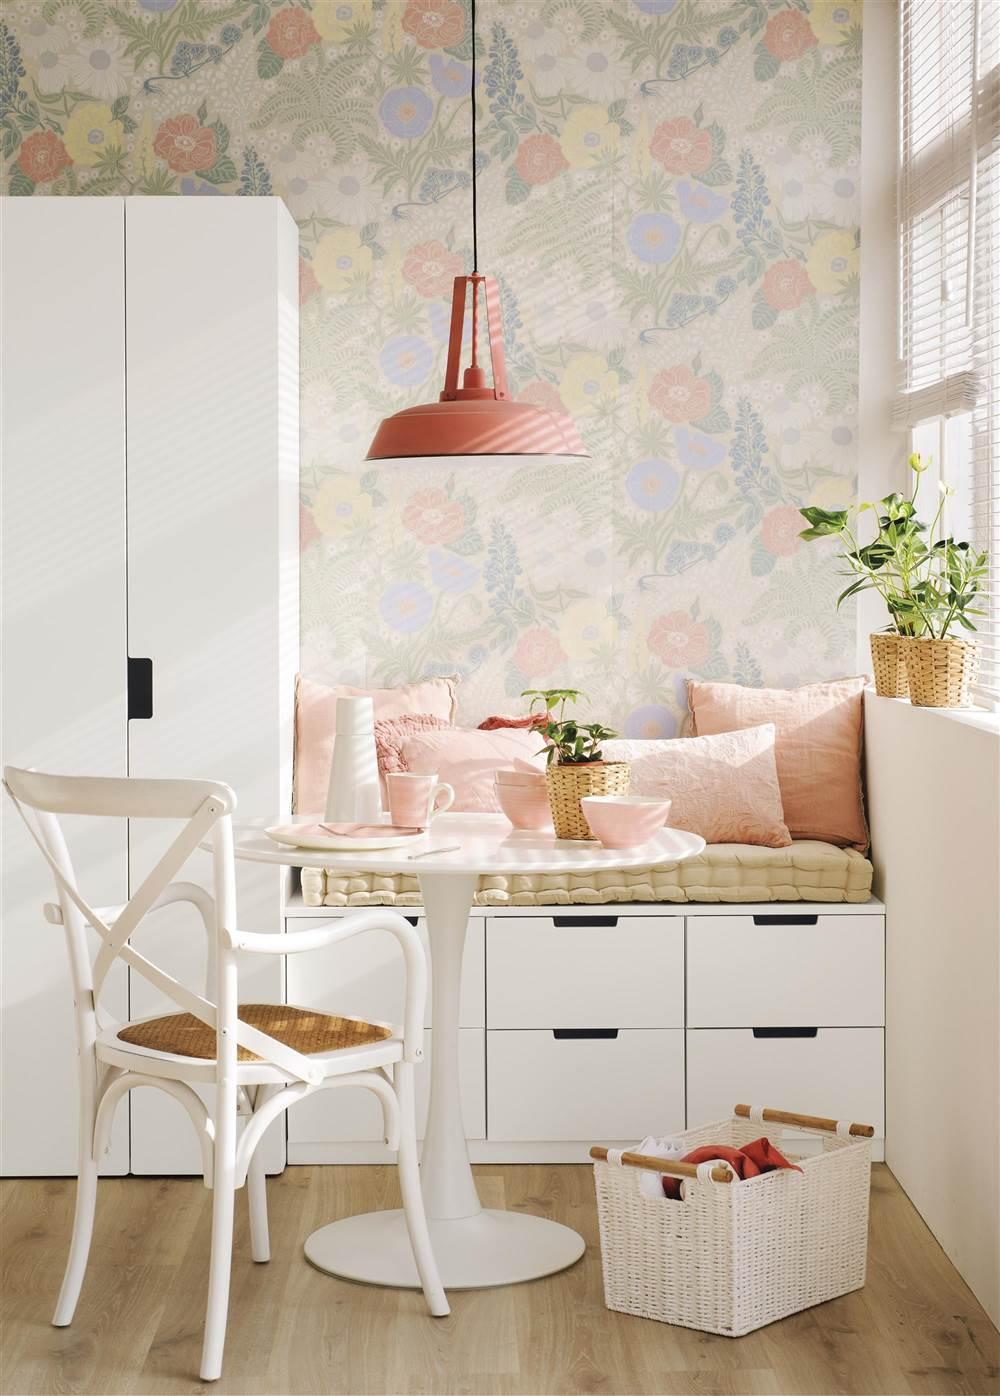 El mismo mueble tres usos distintos for Papel pintado cocina ikea